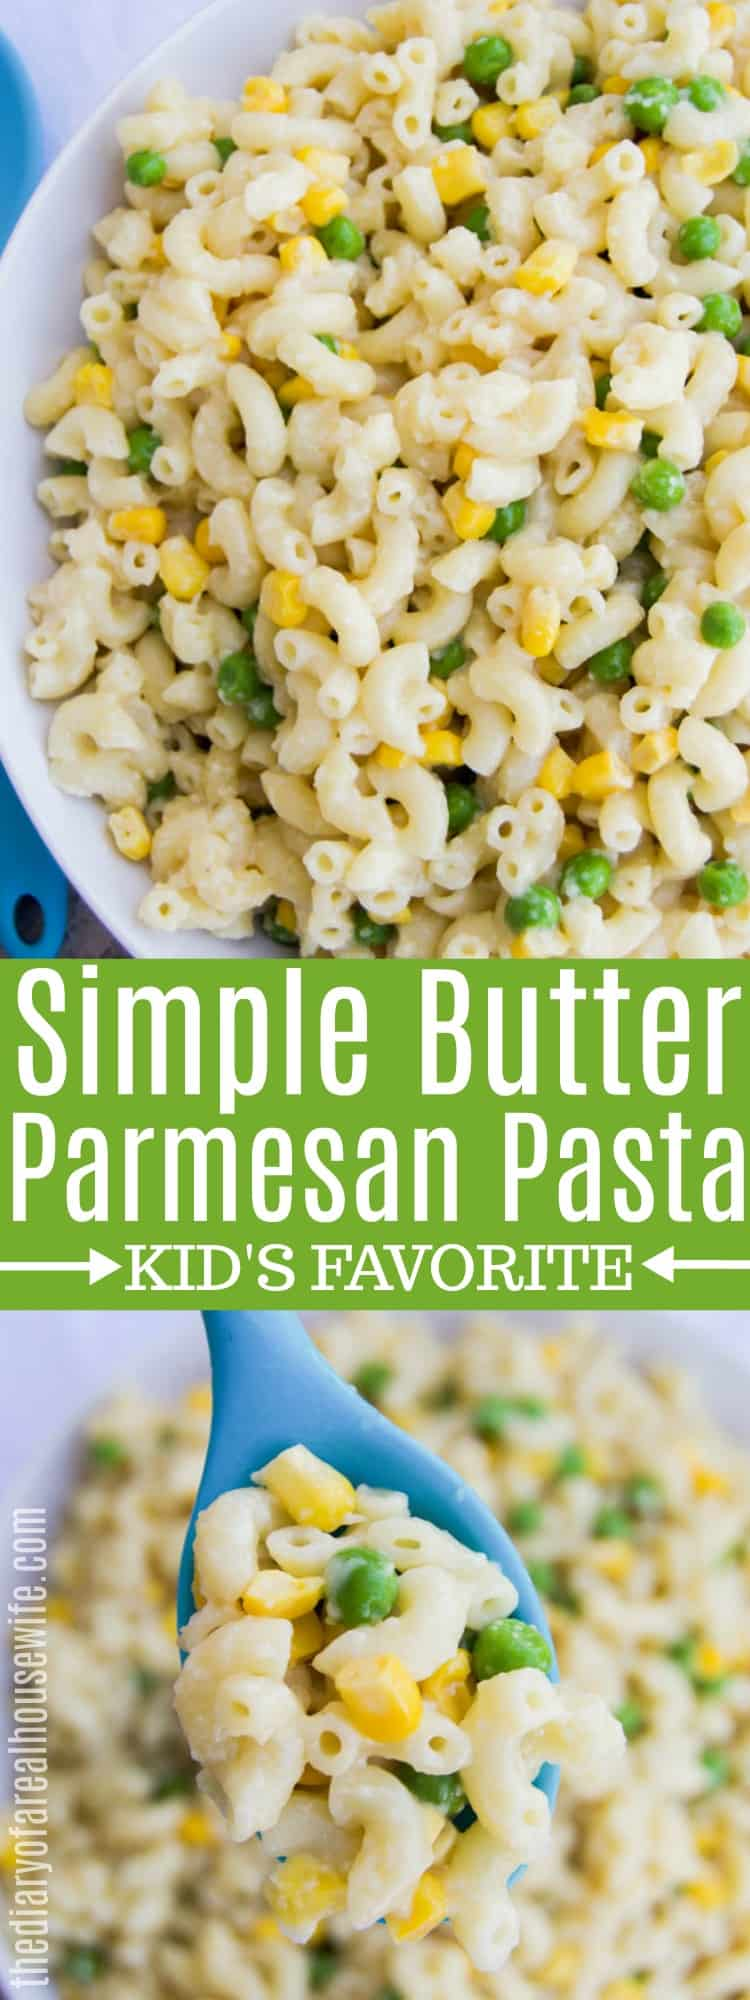 Butter Parmesan Pasta